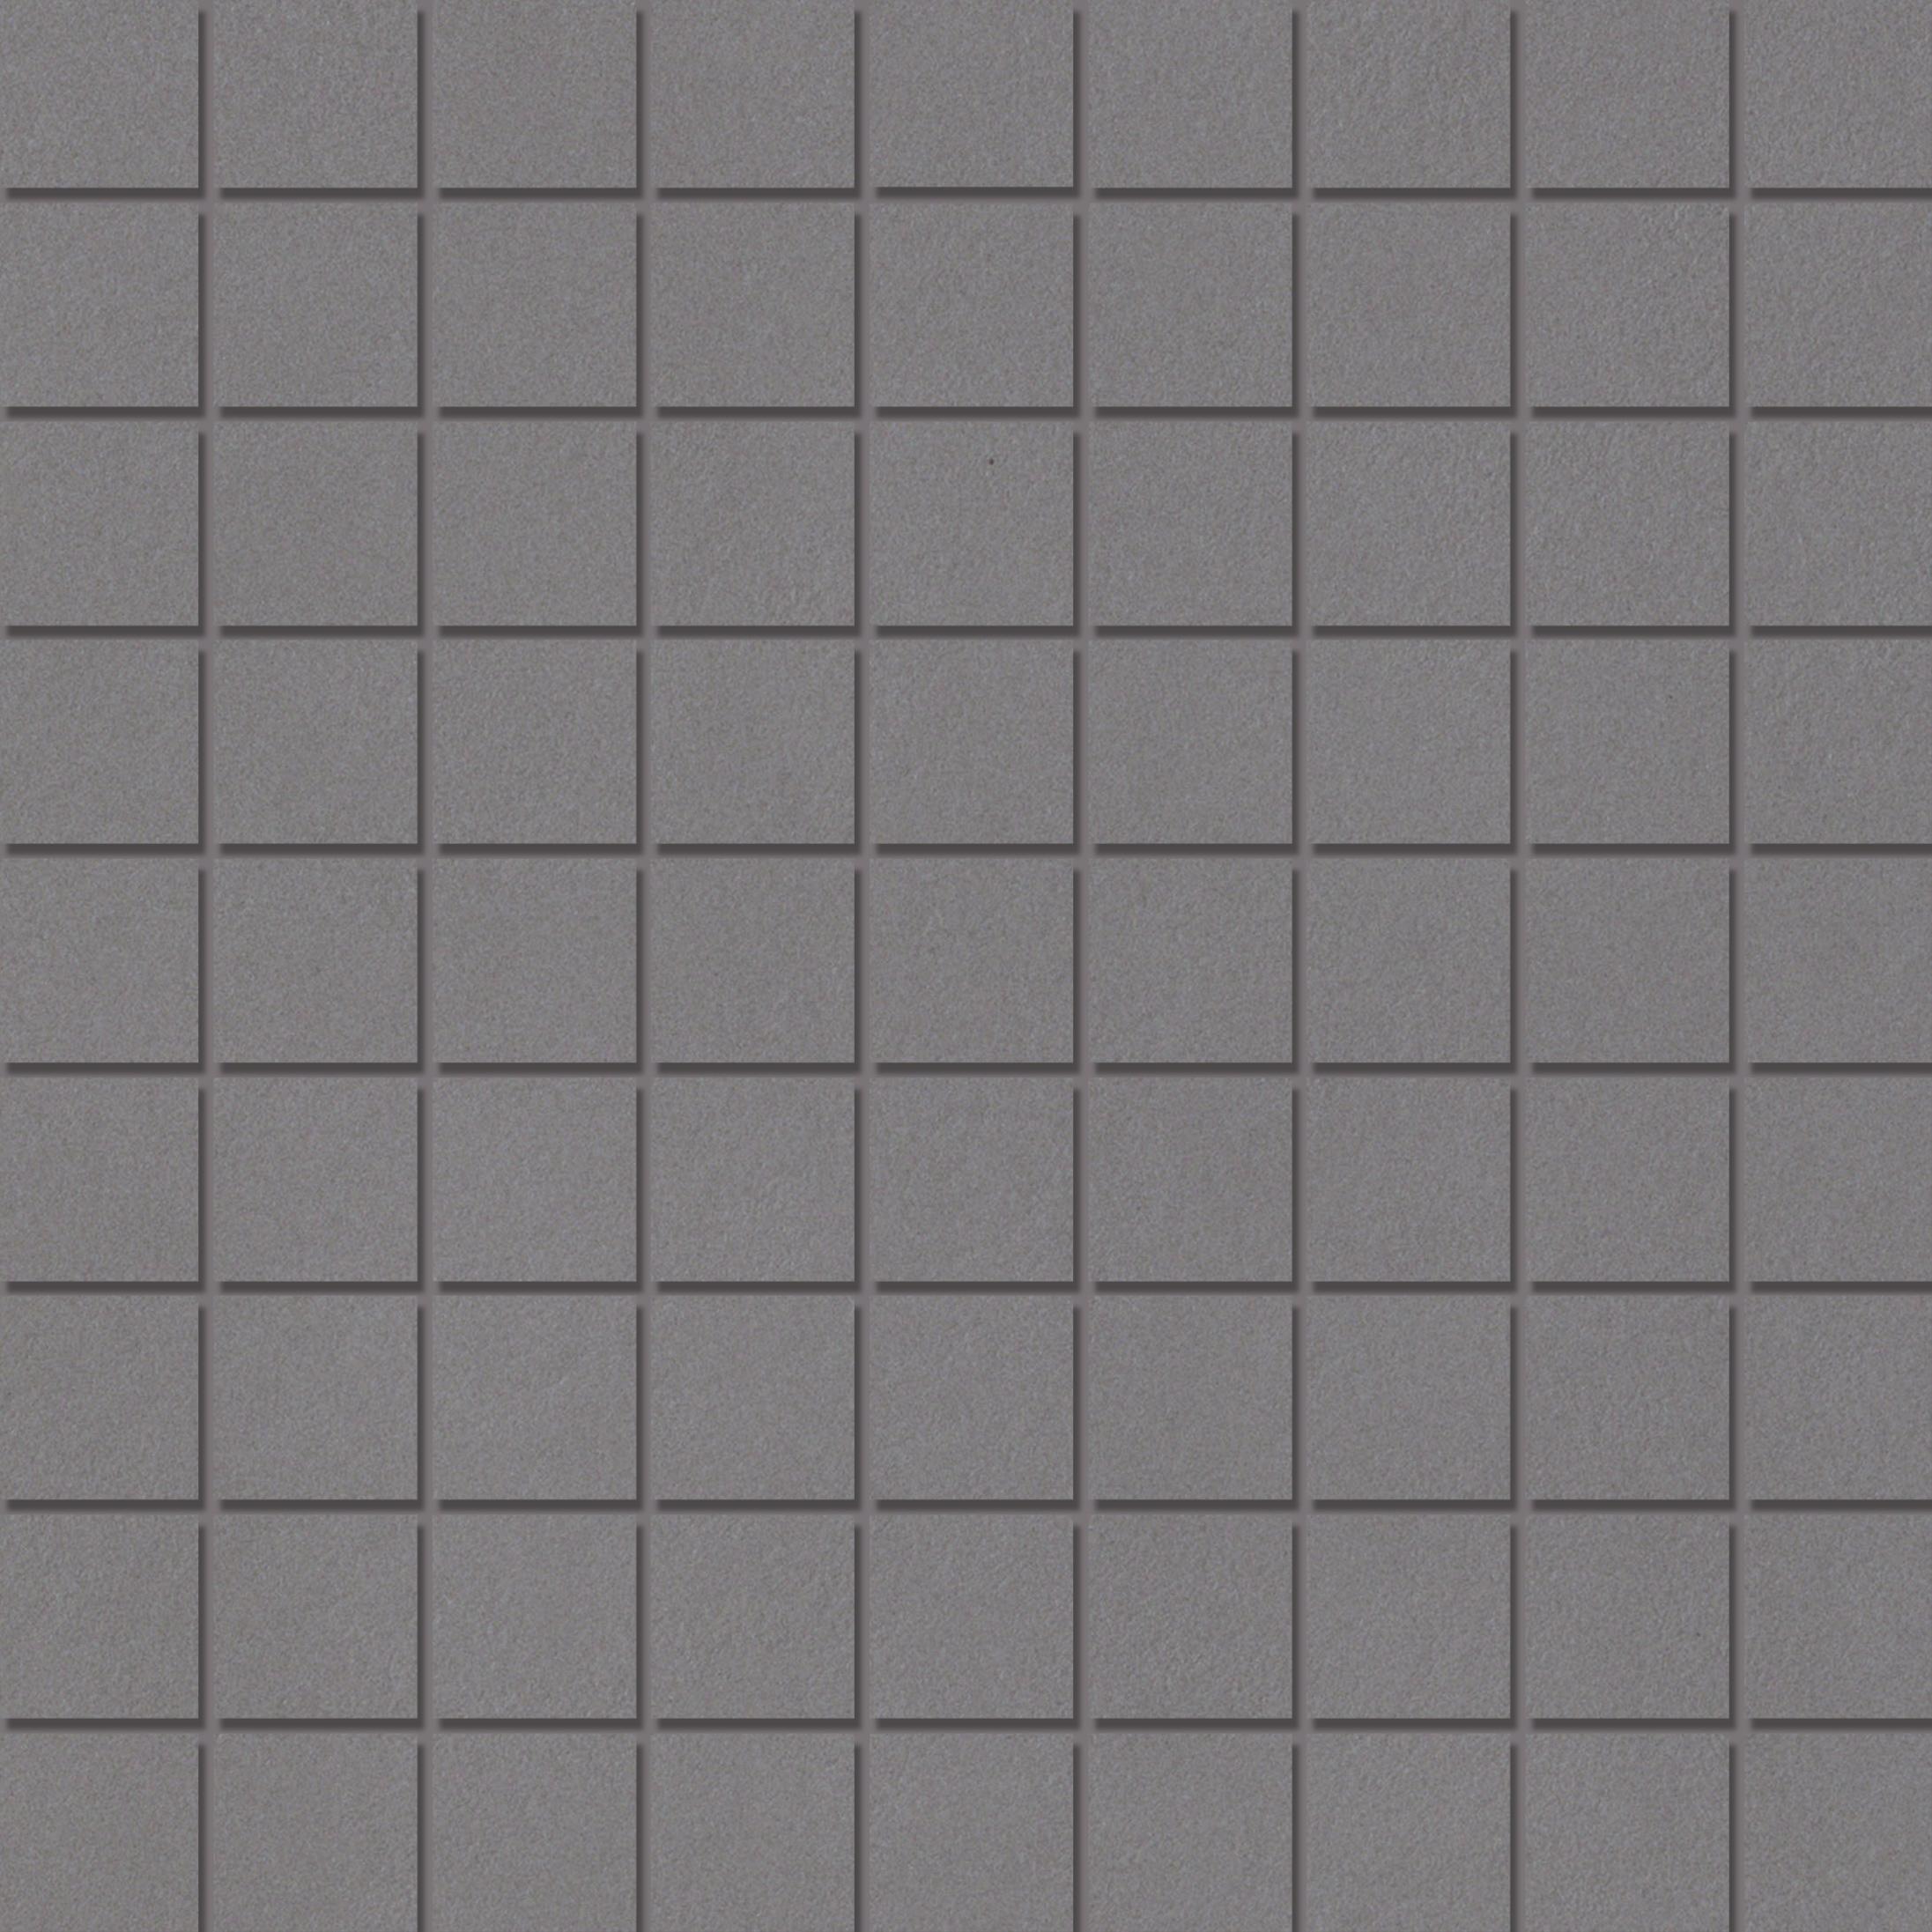 Mosaic Dark Grey